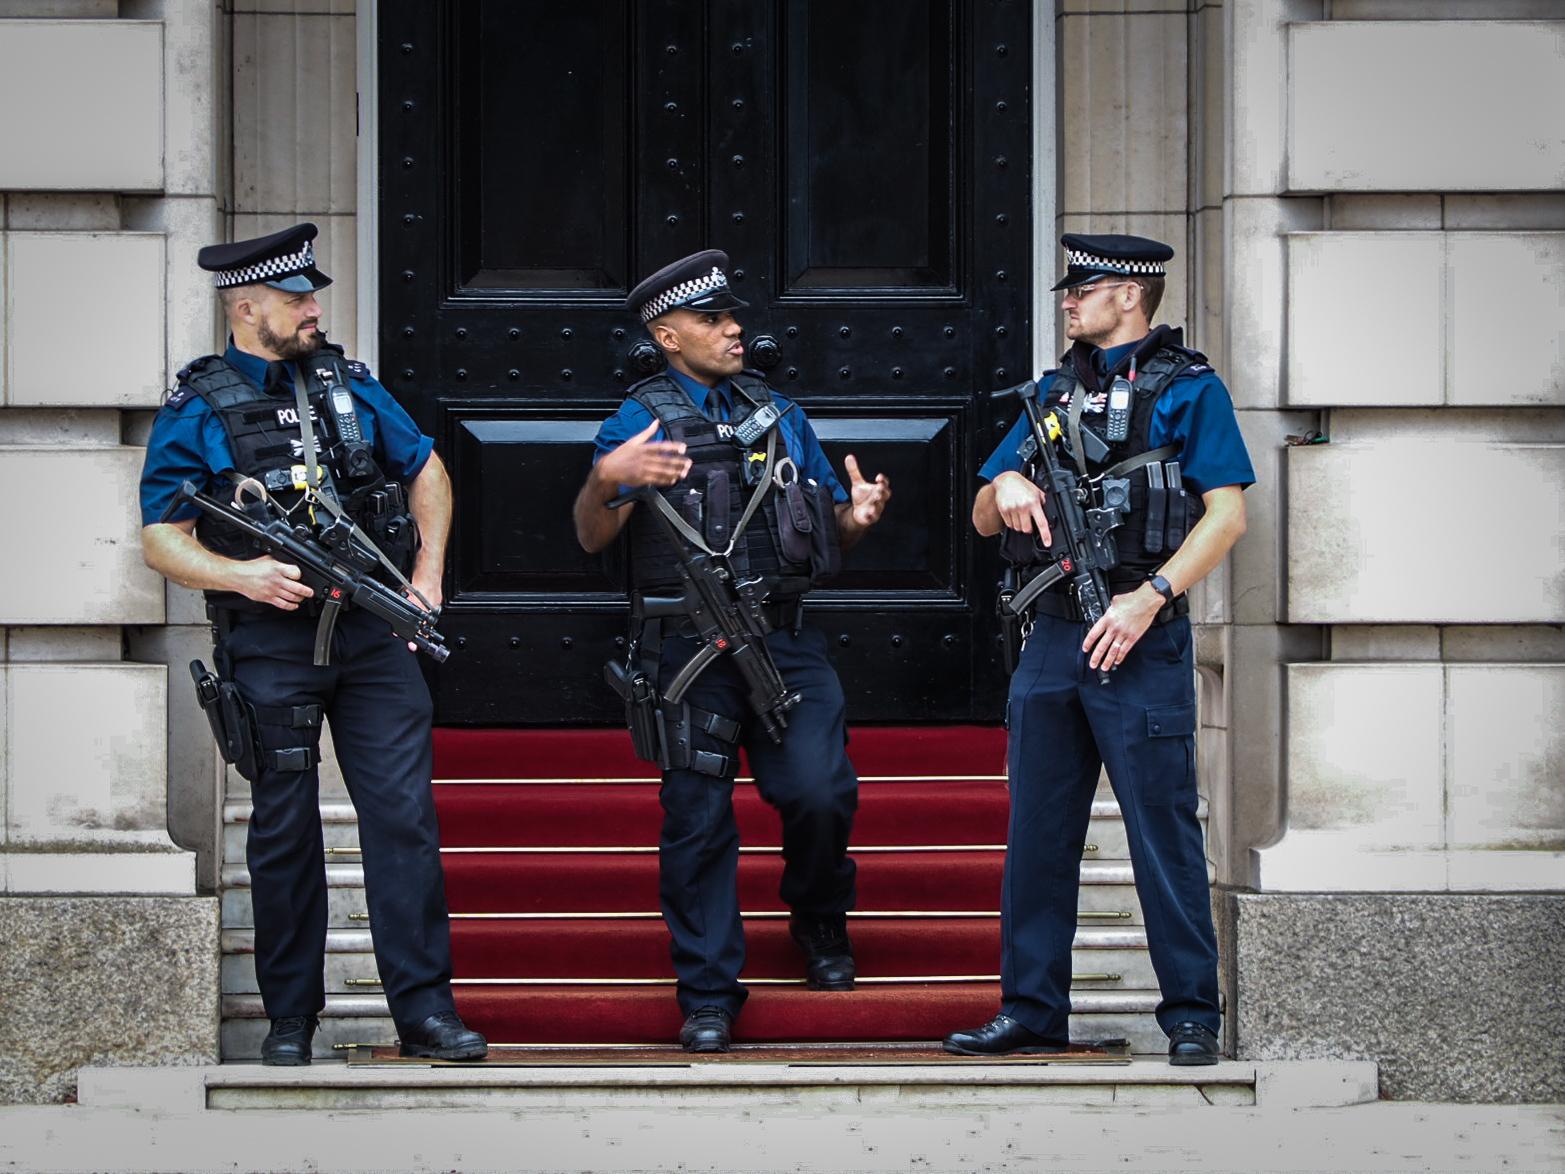 One door 3 guards - London